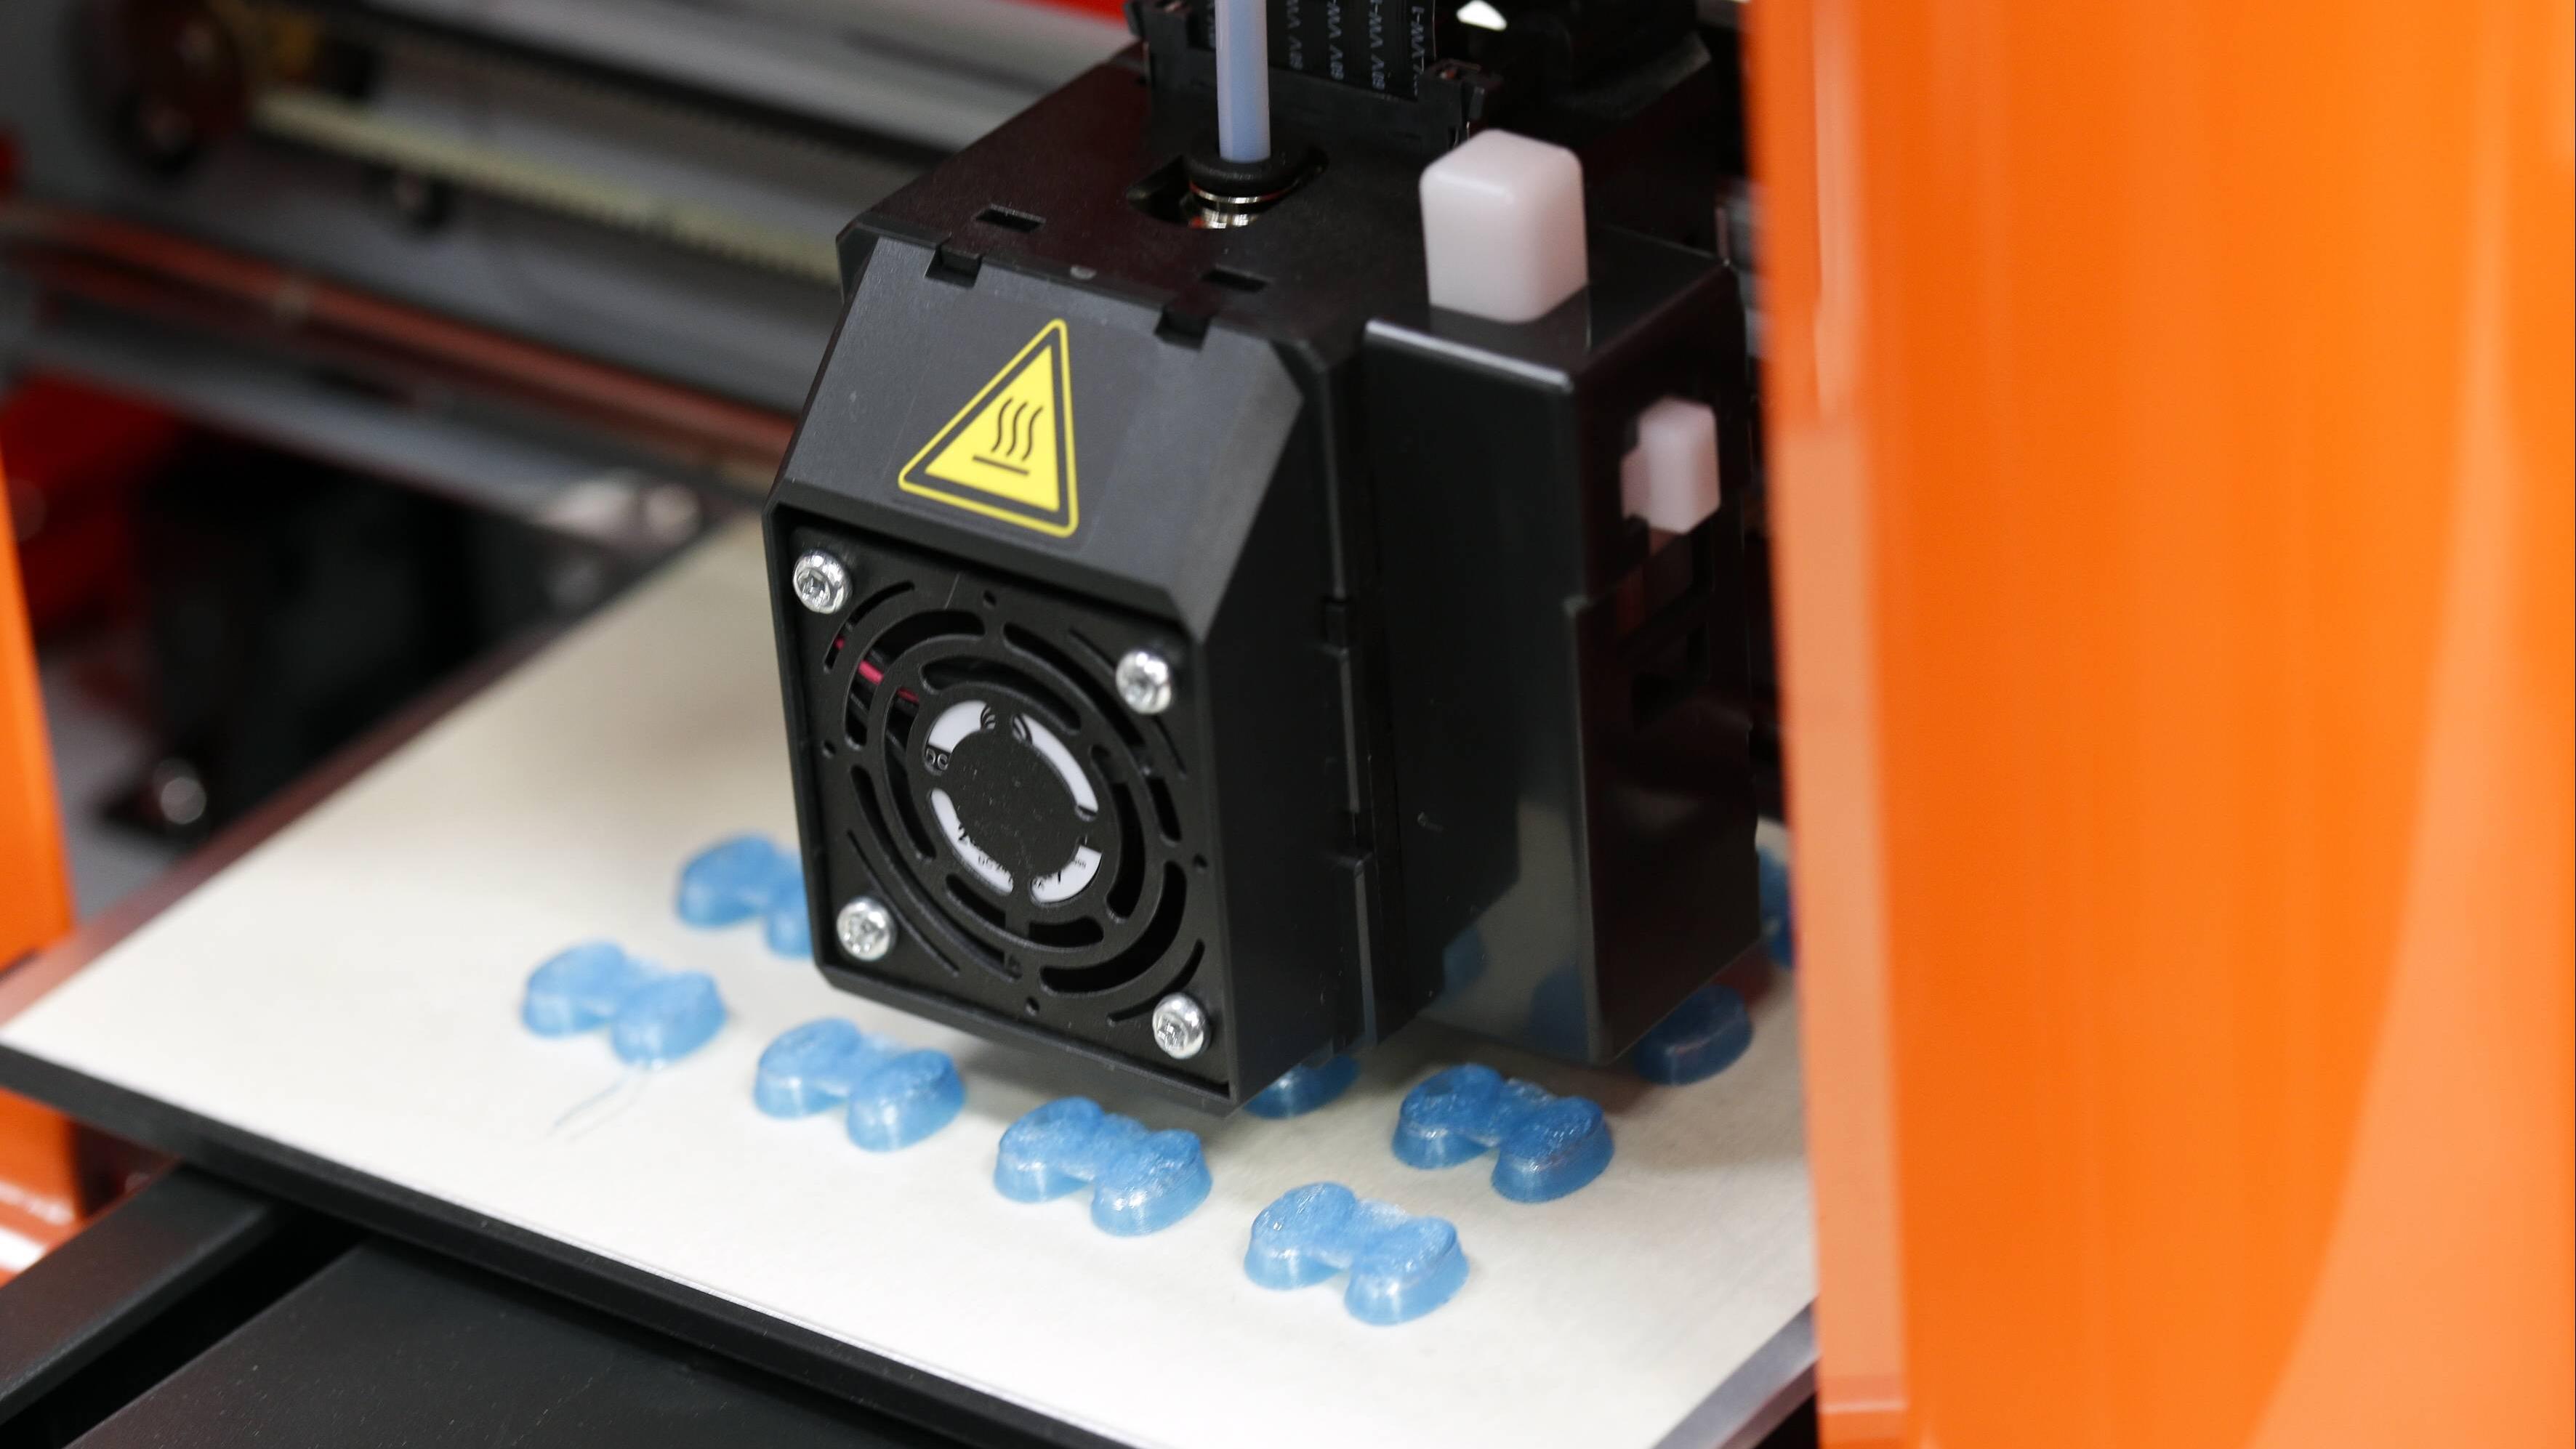 Warping verhindern: Wie Sie Fehler beim 3D-Druck vermeiden können